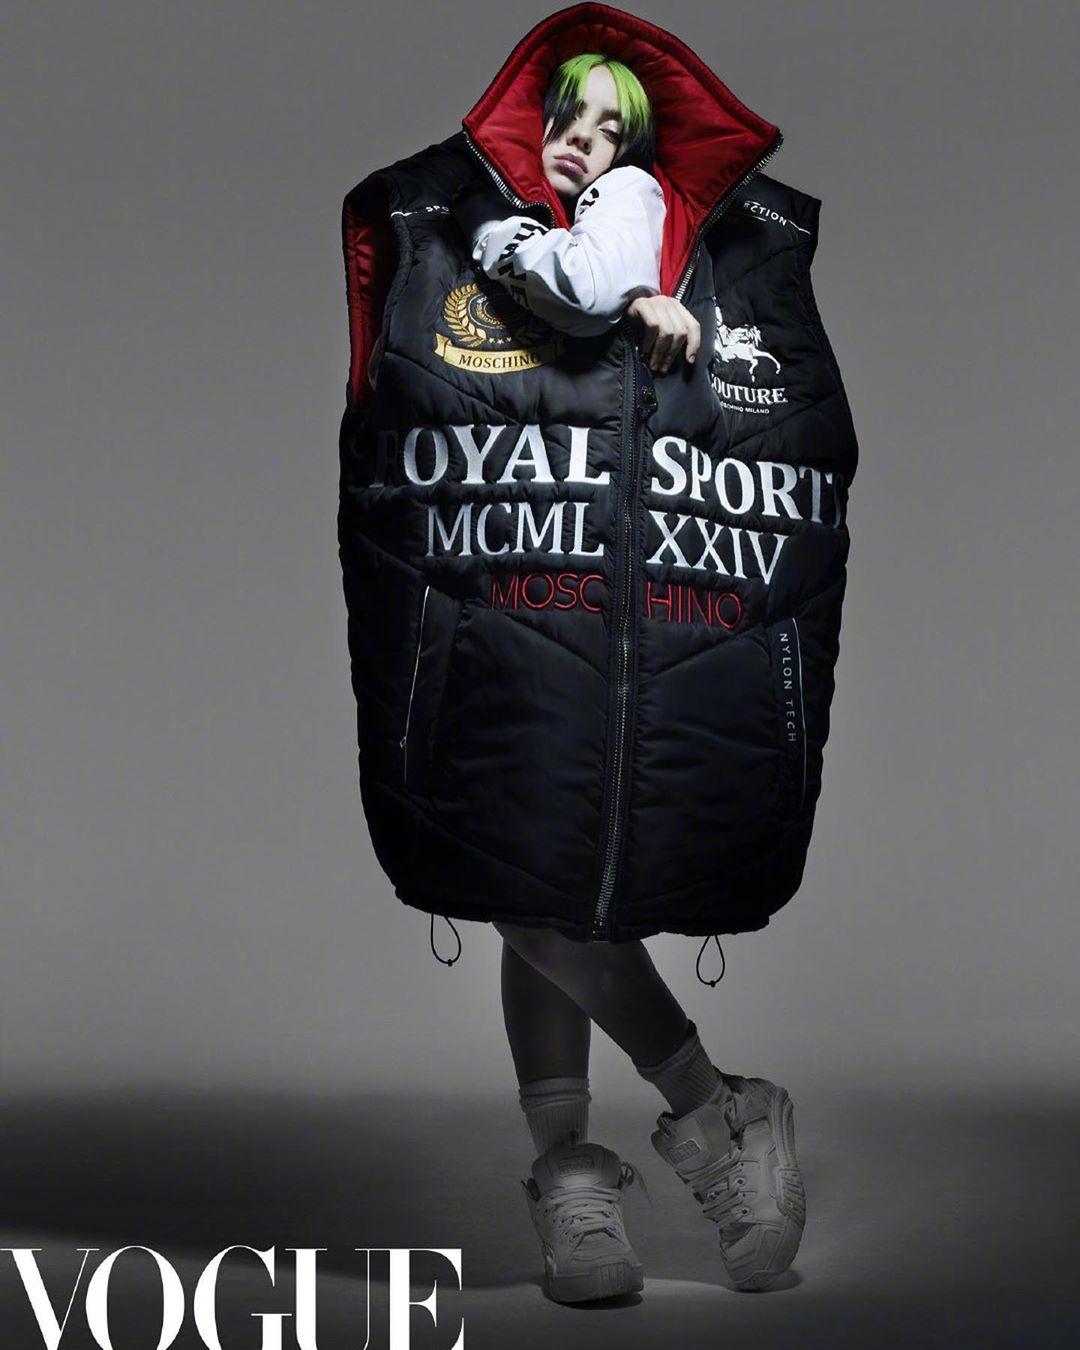 Билли Айлиш снялась для китайского Vogue (фото) - фото №2